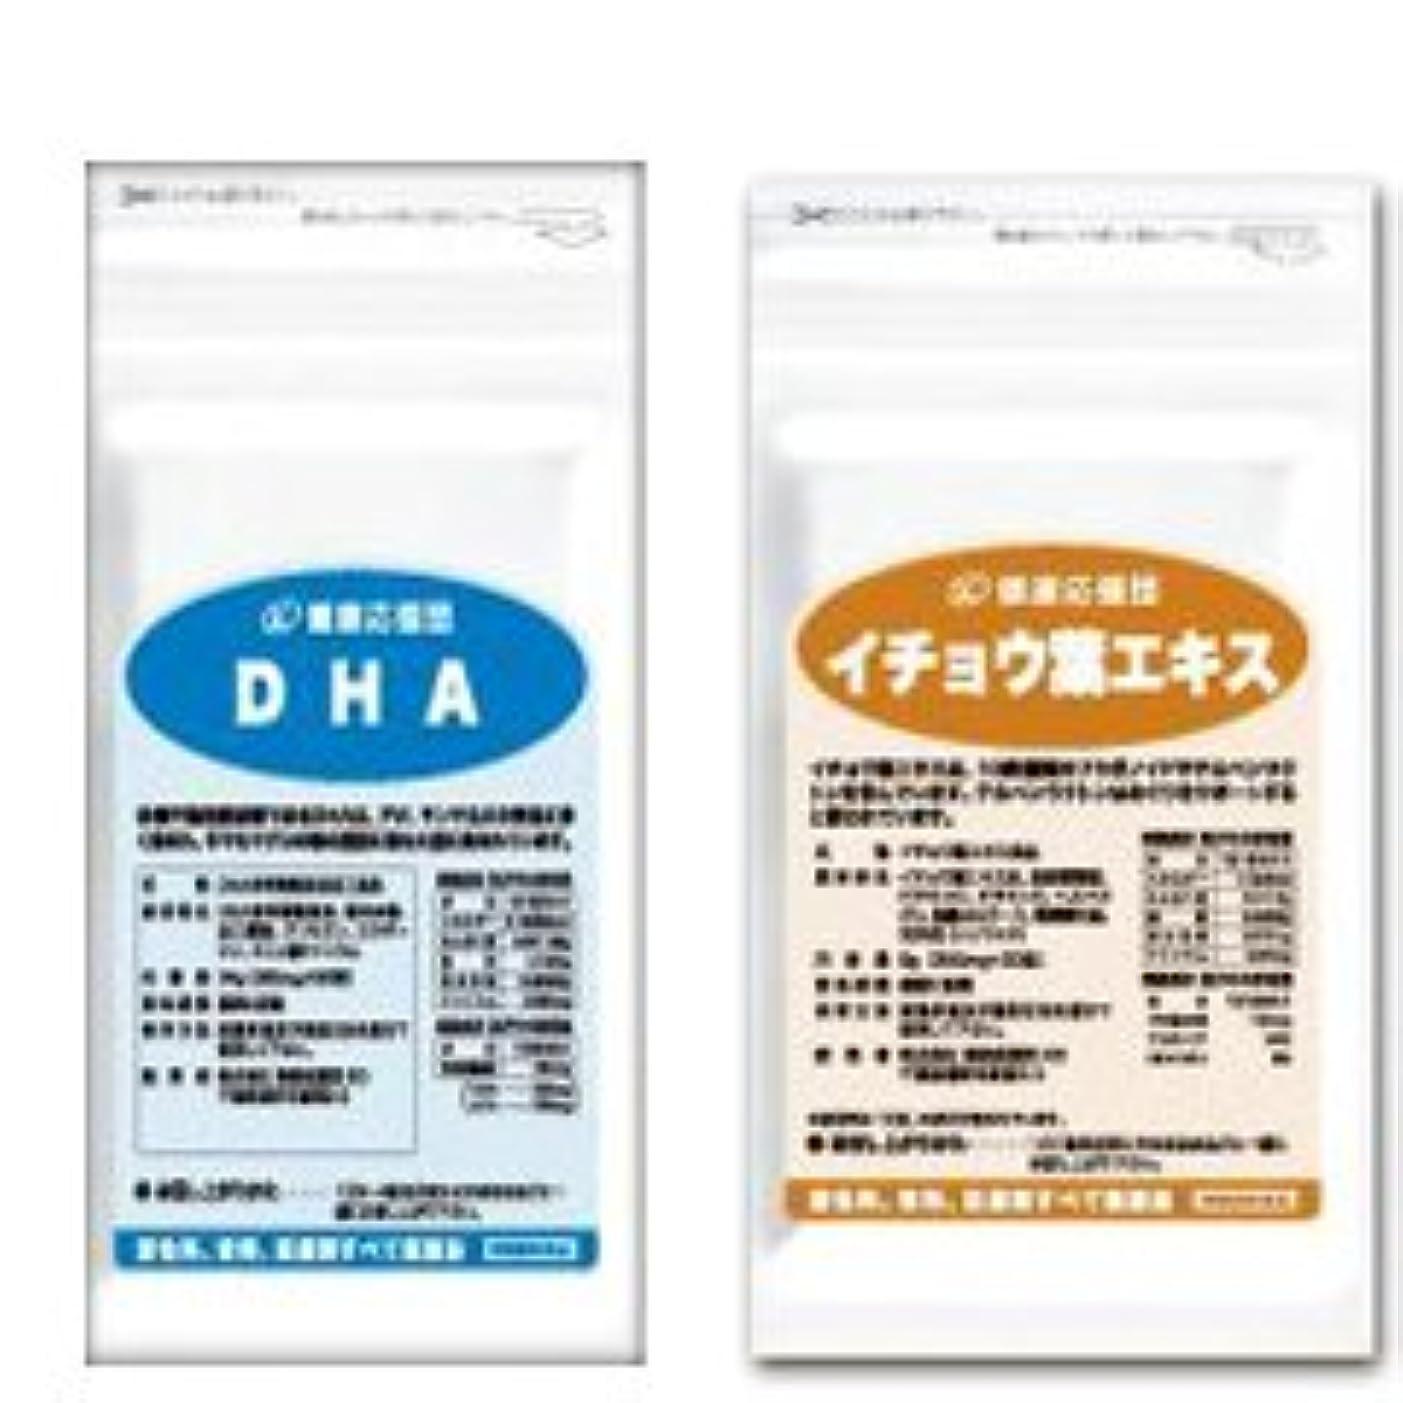 形成その間アトラス(お徳用6か月分)サラサラ巡りセット DHA + イチョウ葉エキス 6袋セット (DHA?EPA?イチョウ葉?ビタミンC?ビタミンE?ビタミンP配合)